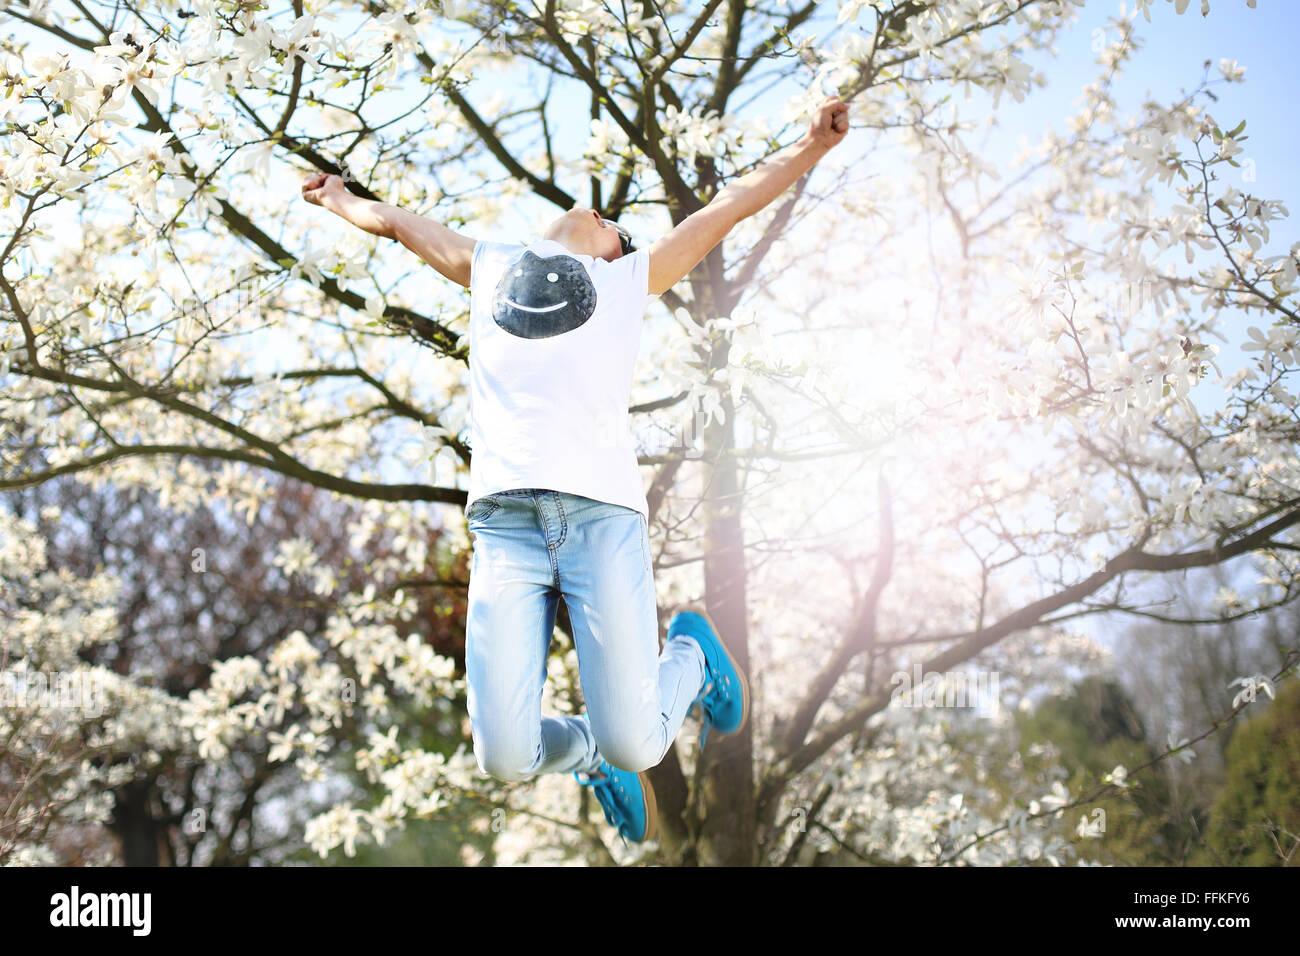 Es ist Sommer, es macht Spaß:). Sonnigen Sommertag, Entspannung in der Natur. Ein Kind springt hoch in den Stockbild